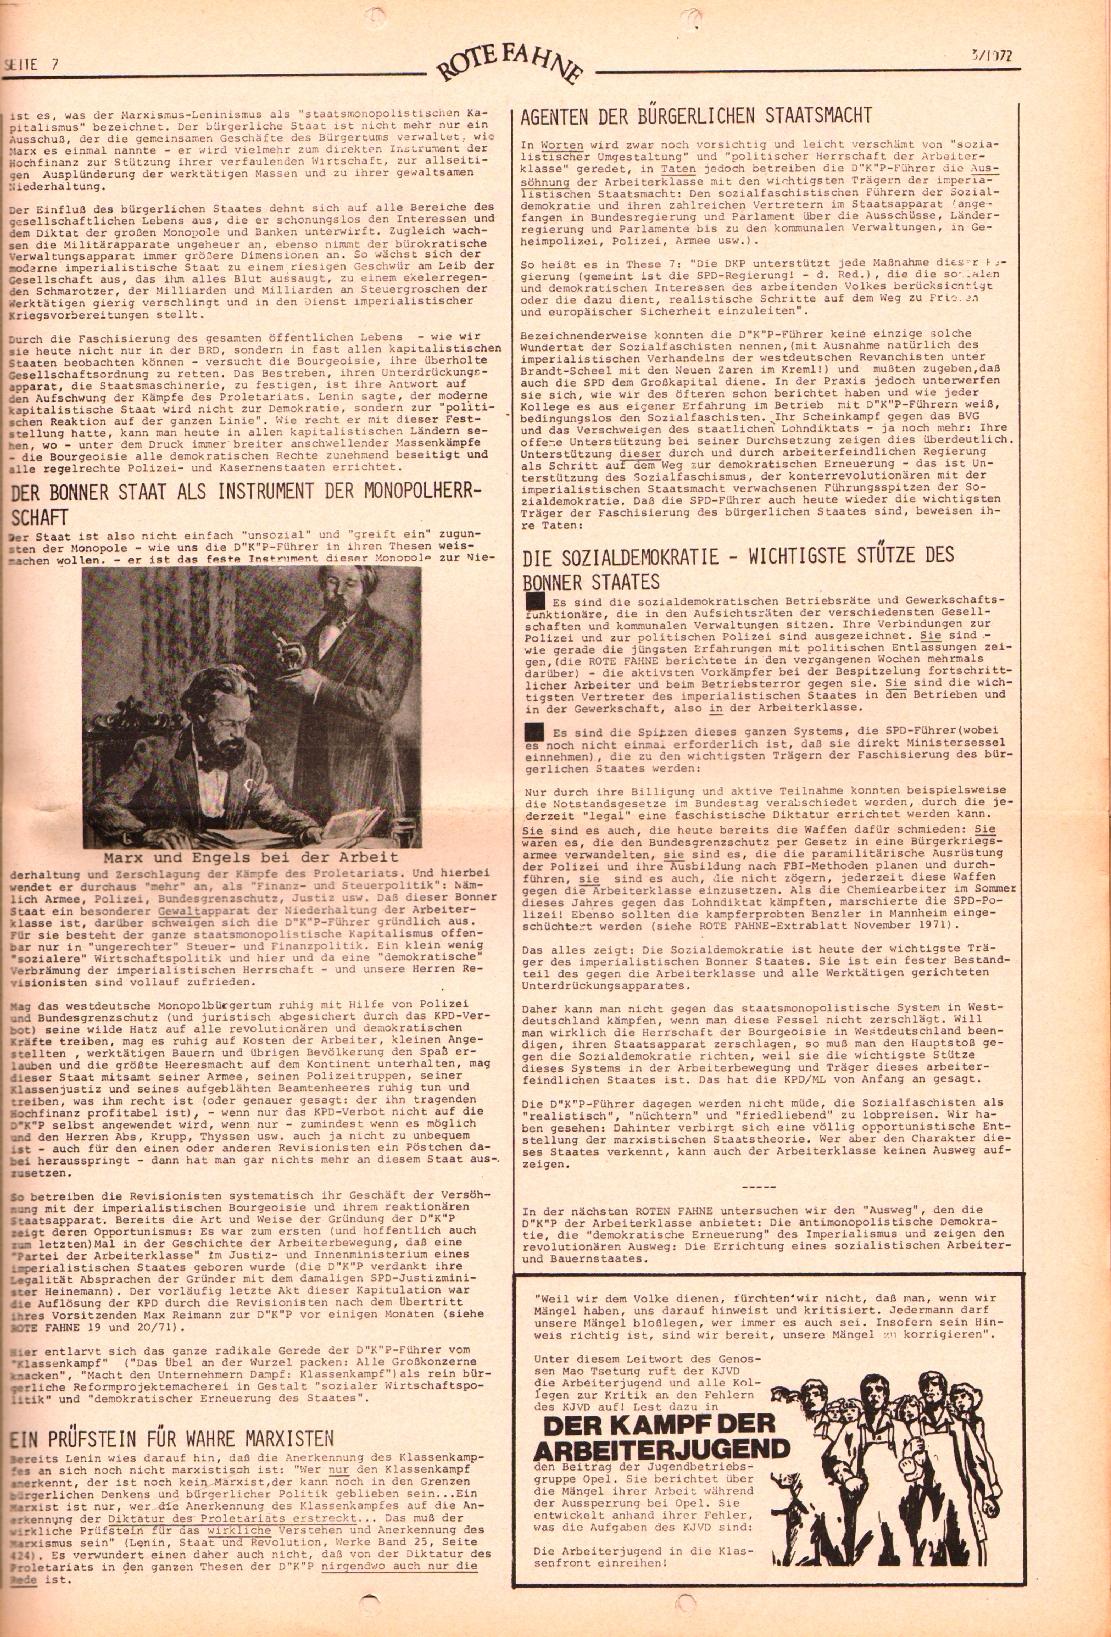 Rote Fahne, 3. Jg., 7.2.1972, Nr. 3, Seite 7